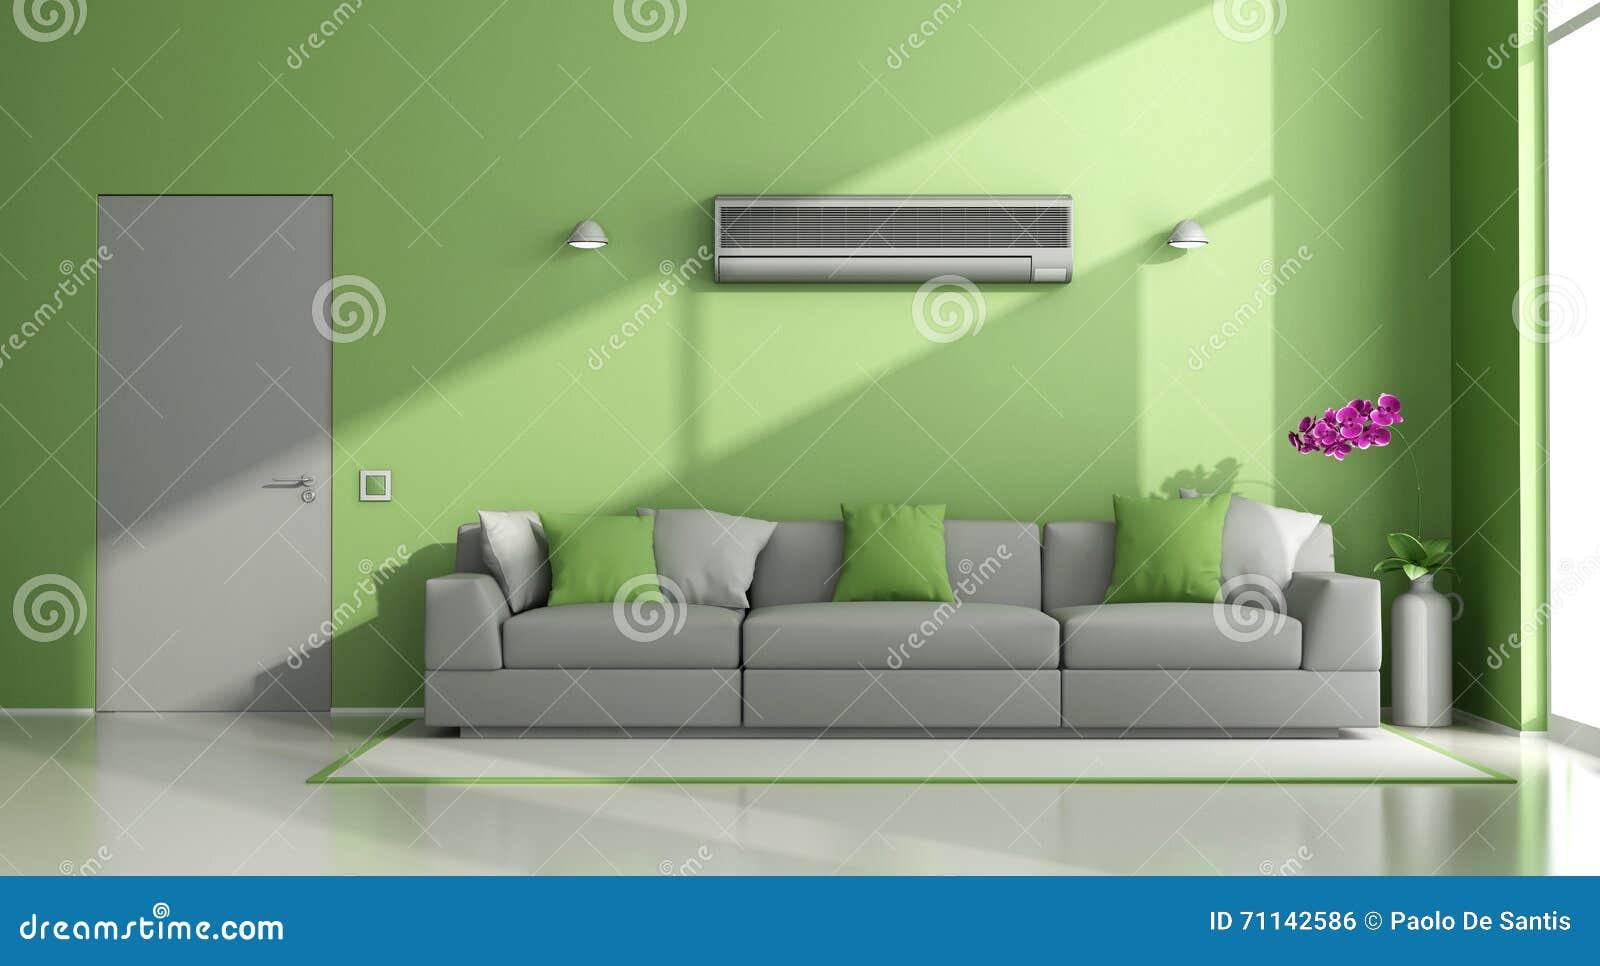 Salotto Moderno Verde : Salotto moderno verde e grigio con il condizionatore d aria